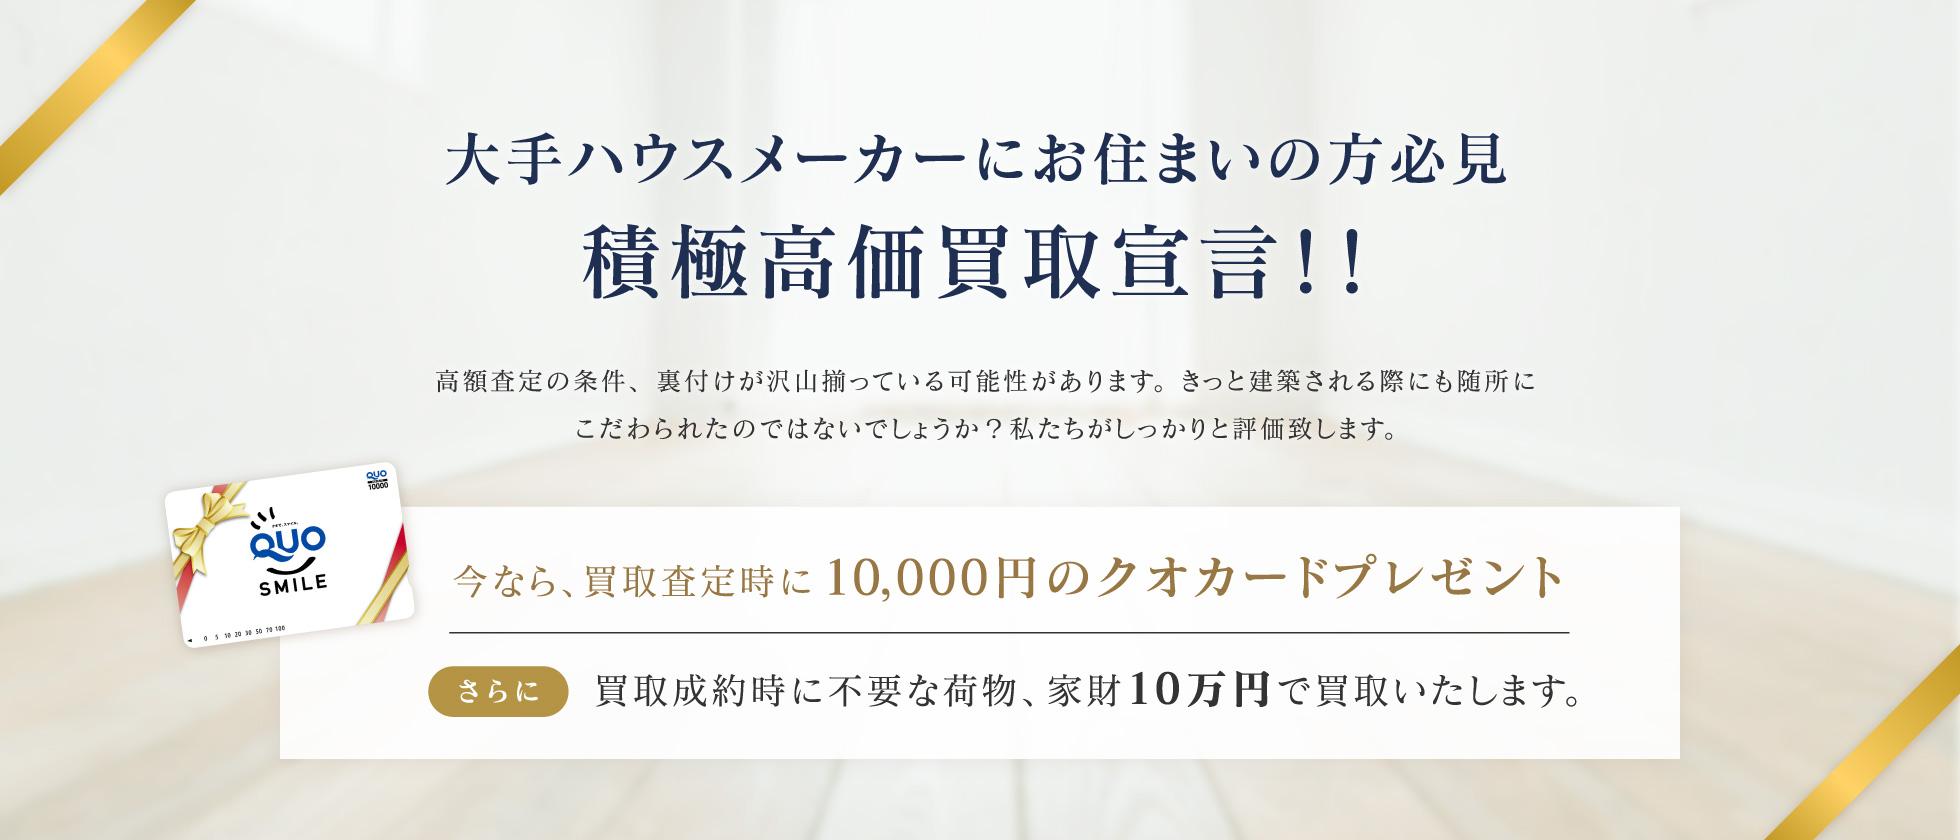 サイトオープン記念キャンペーンⅡ 大手ハウスメーカー施工物件をお持ちの方必見 積極高価買取宣言!!